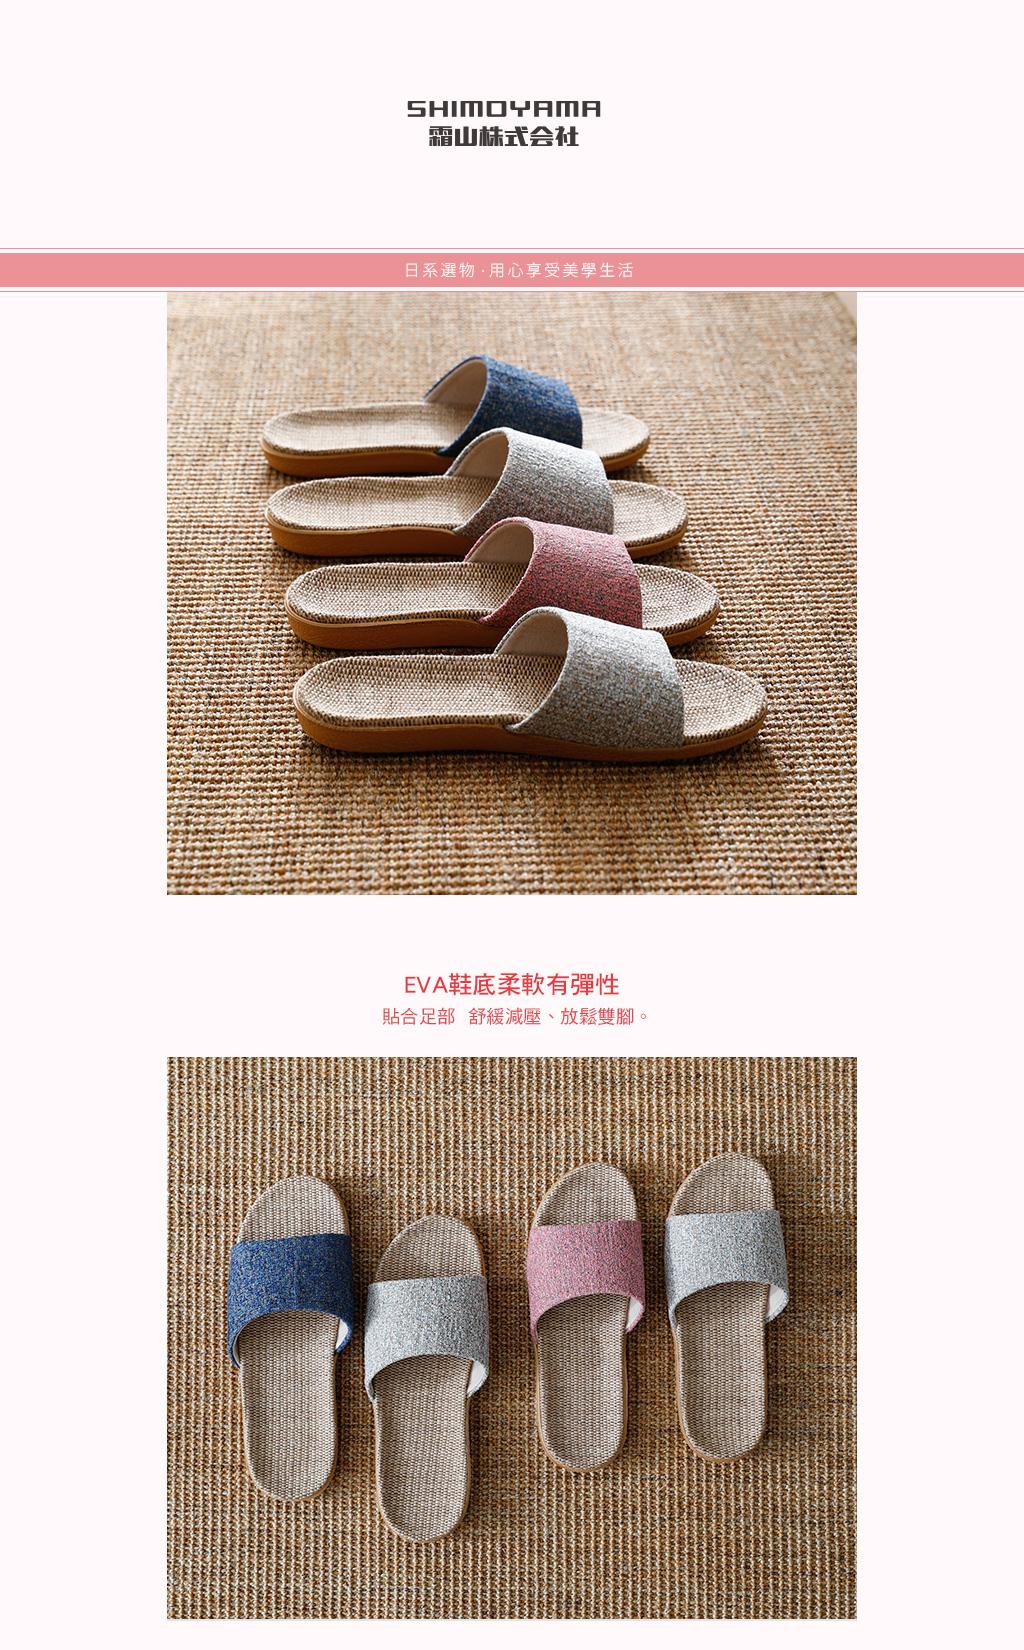 日本霜山 EVA日式禪風 亞麻防滑室內拖鞋 (多色男女款可選)